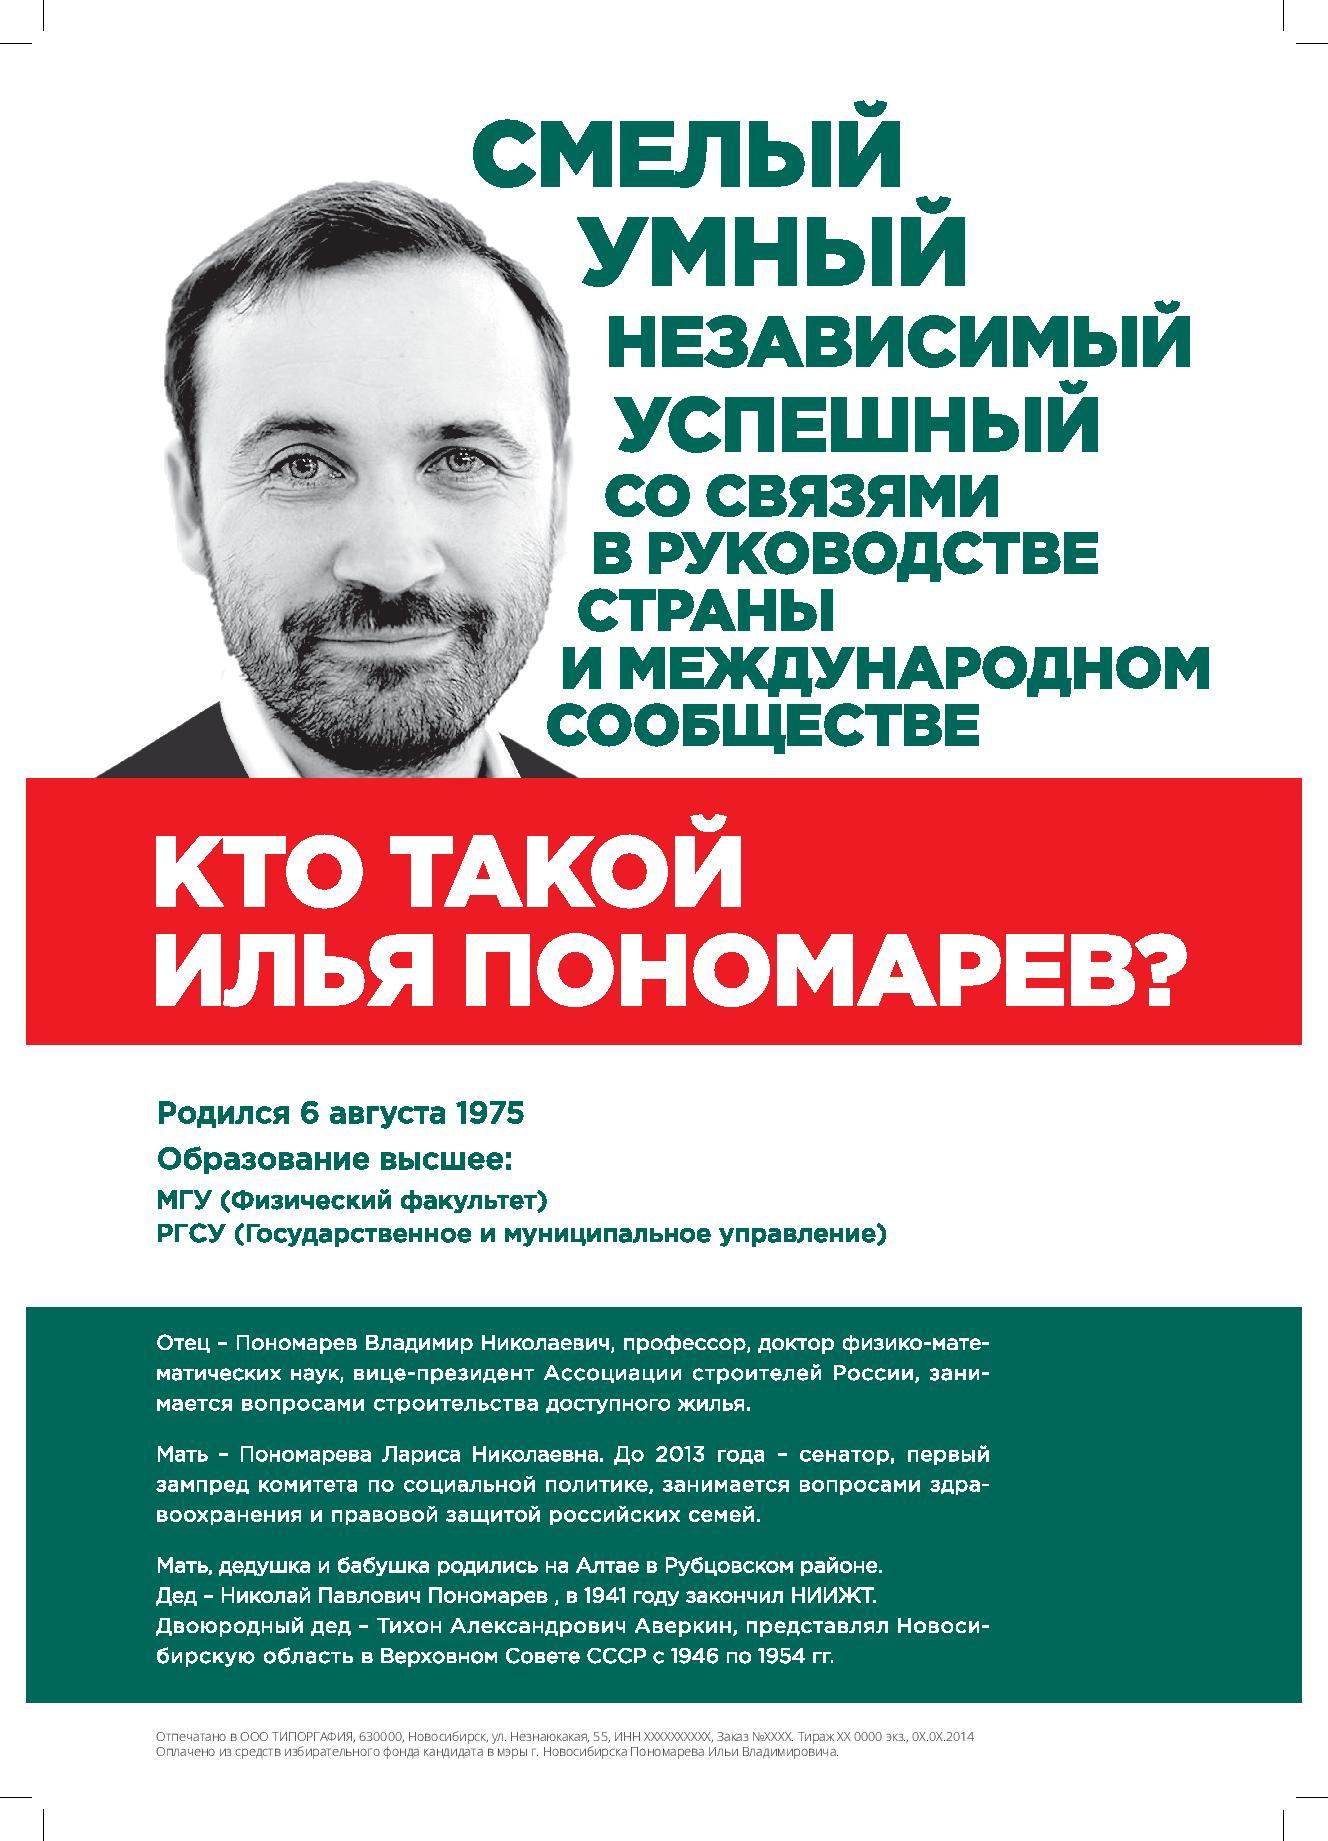 листовка А4 КТО ТАКОЙ ИП двусторонняя.pdf-page-001